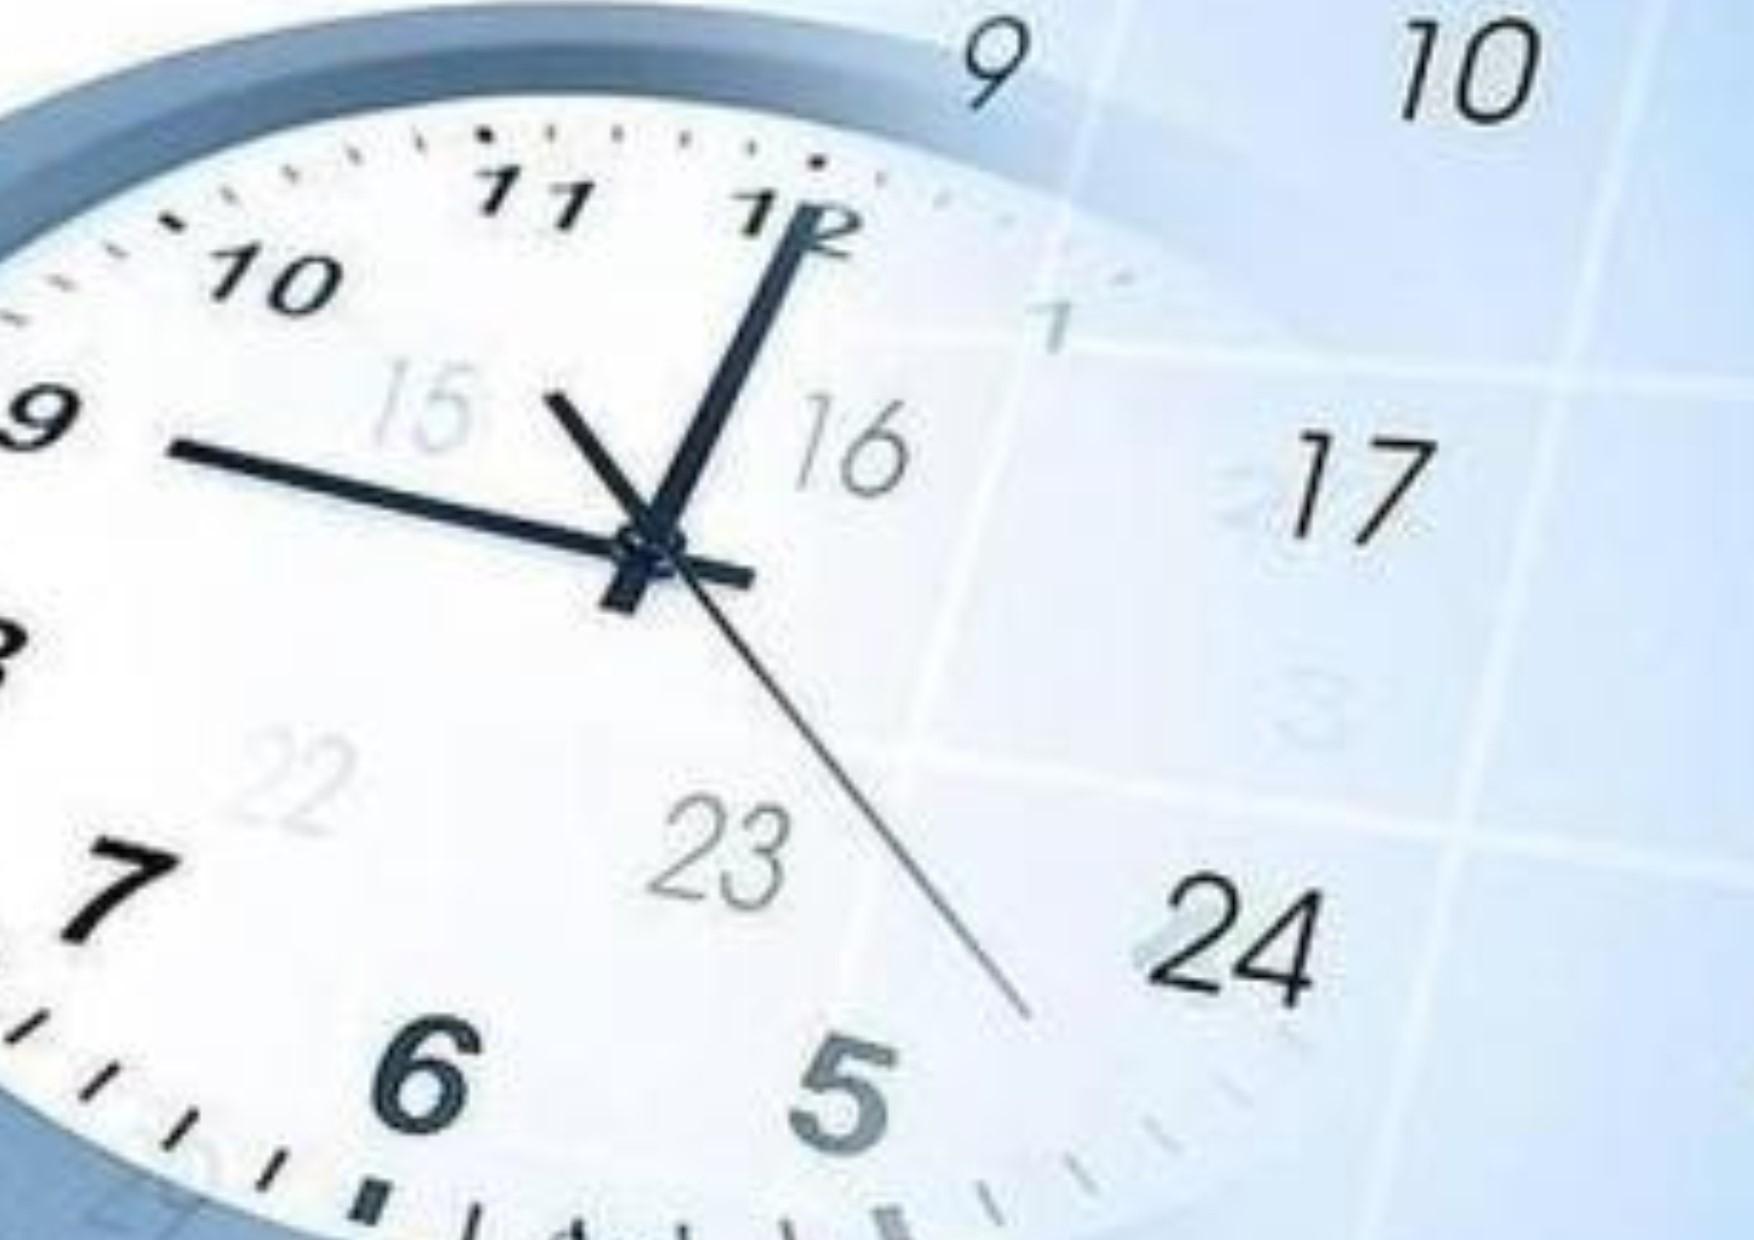 Horario de Verano en la República Mexicana concluye este domingo 29 de octubre